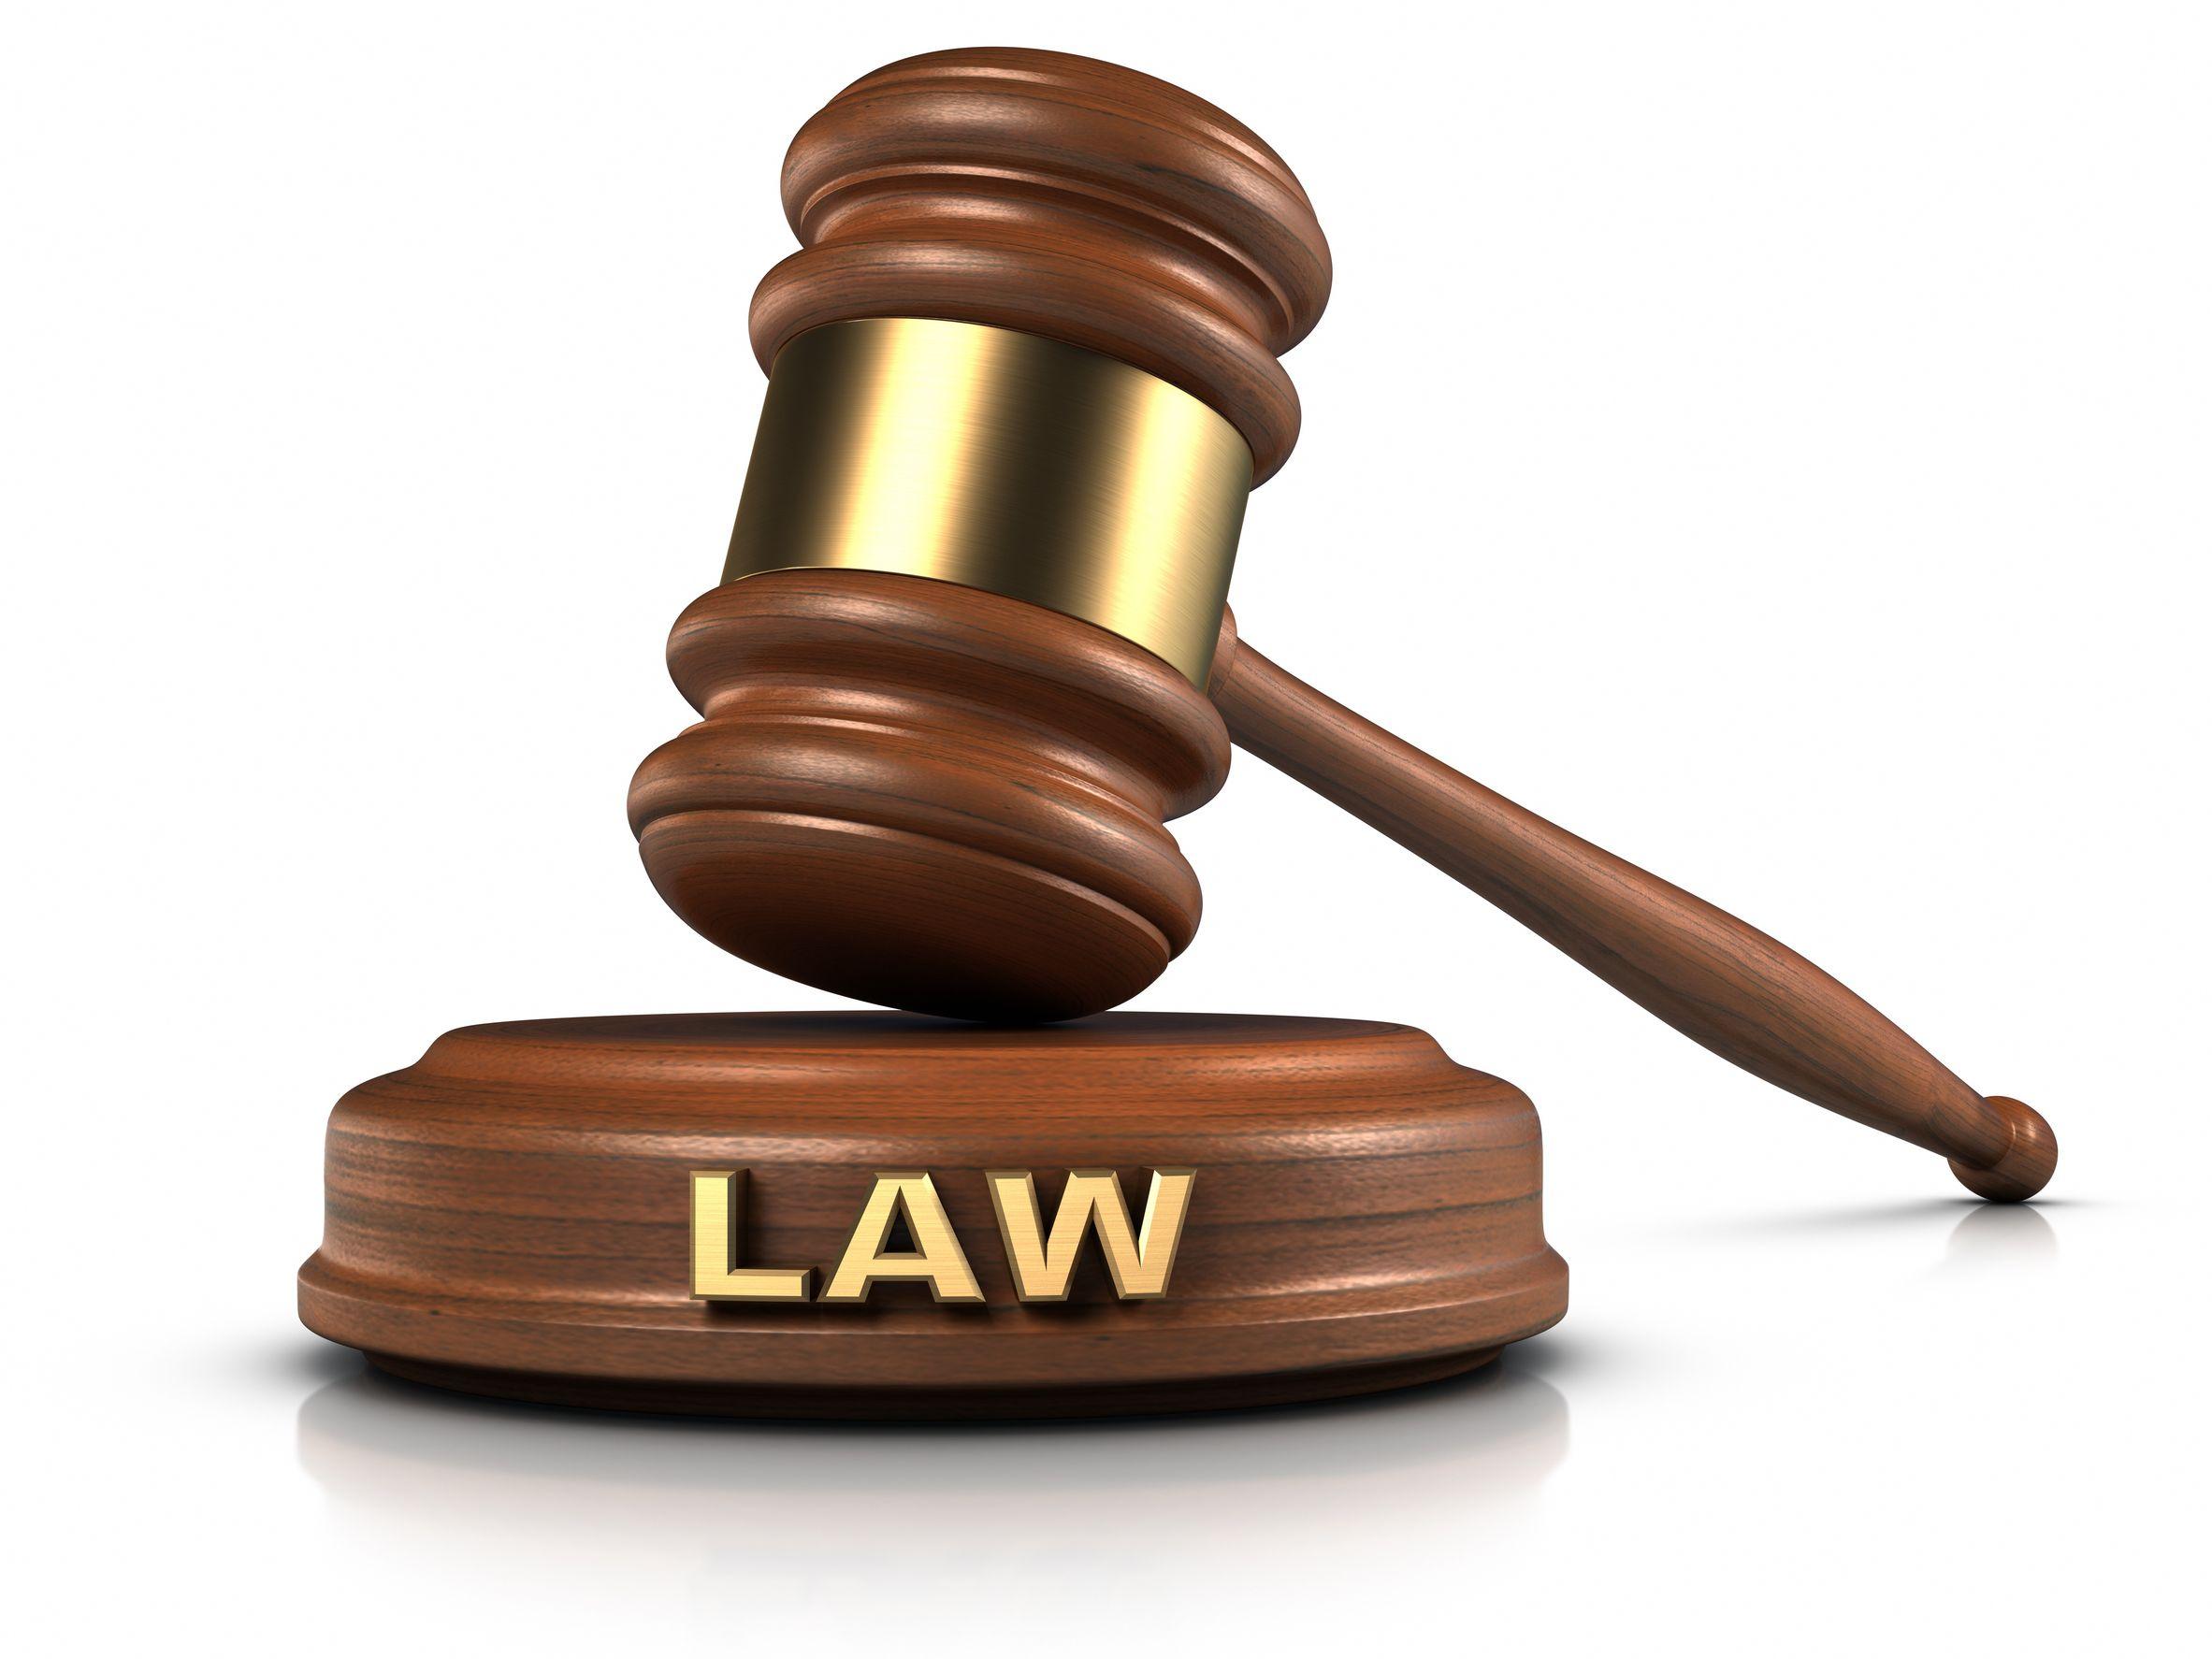 The Law Sign - Lambang Penegakan Hukum di Indonesia